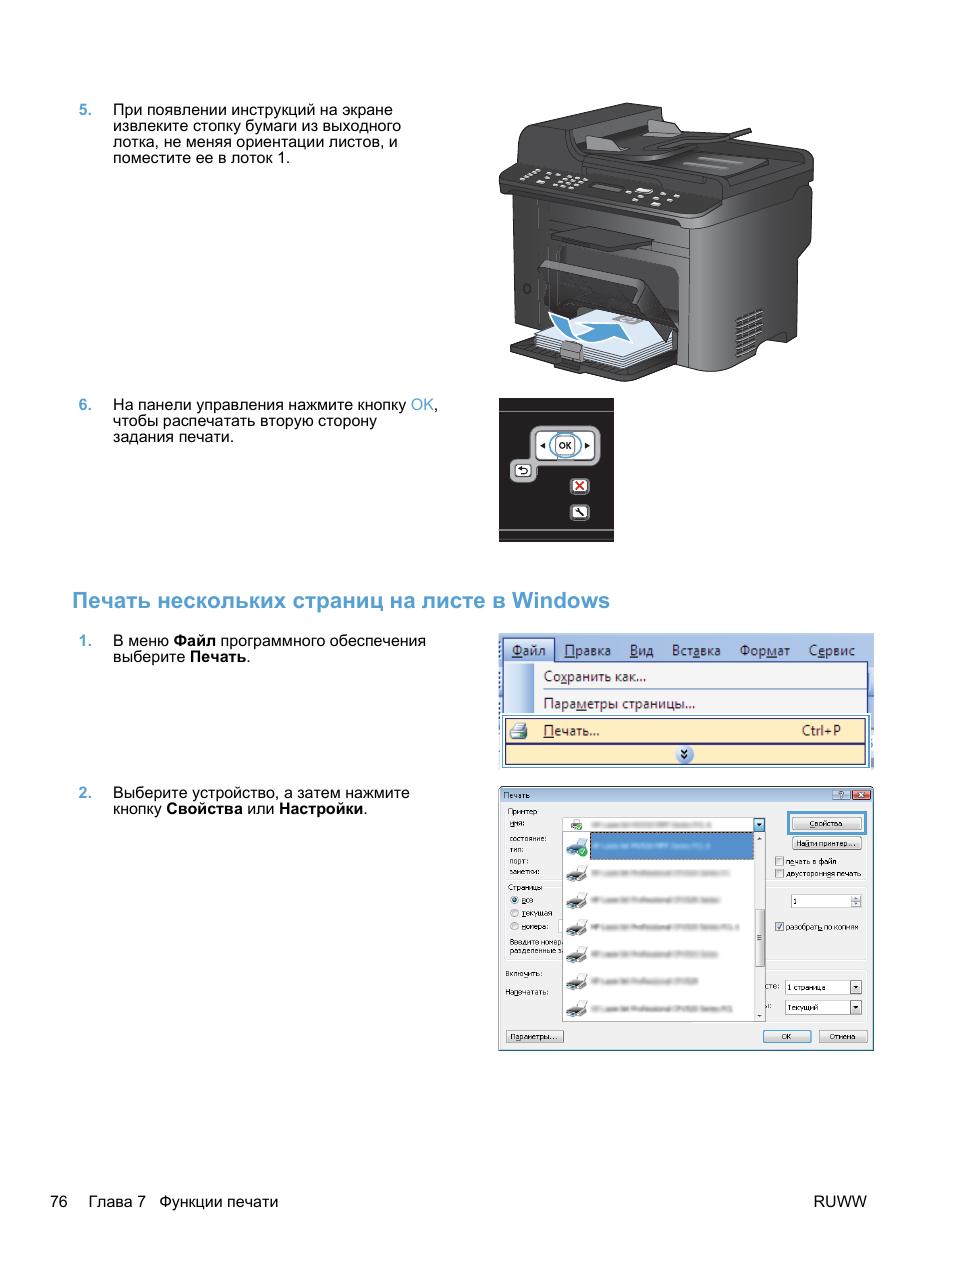 Печать нескольких страниц на листе в windows Инструкция по эксплуатации HP LaserJet Pro M1536dnf MFP SERIES Страница 90 / 322